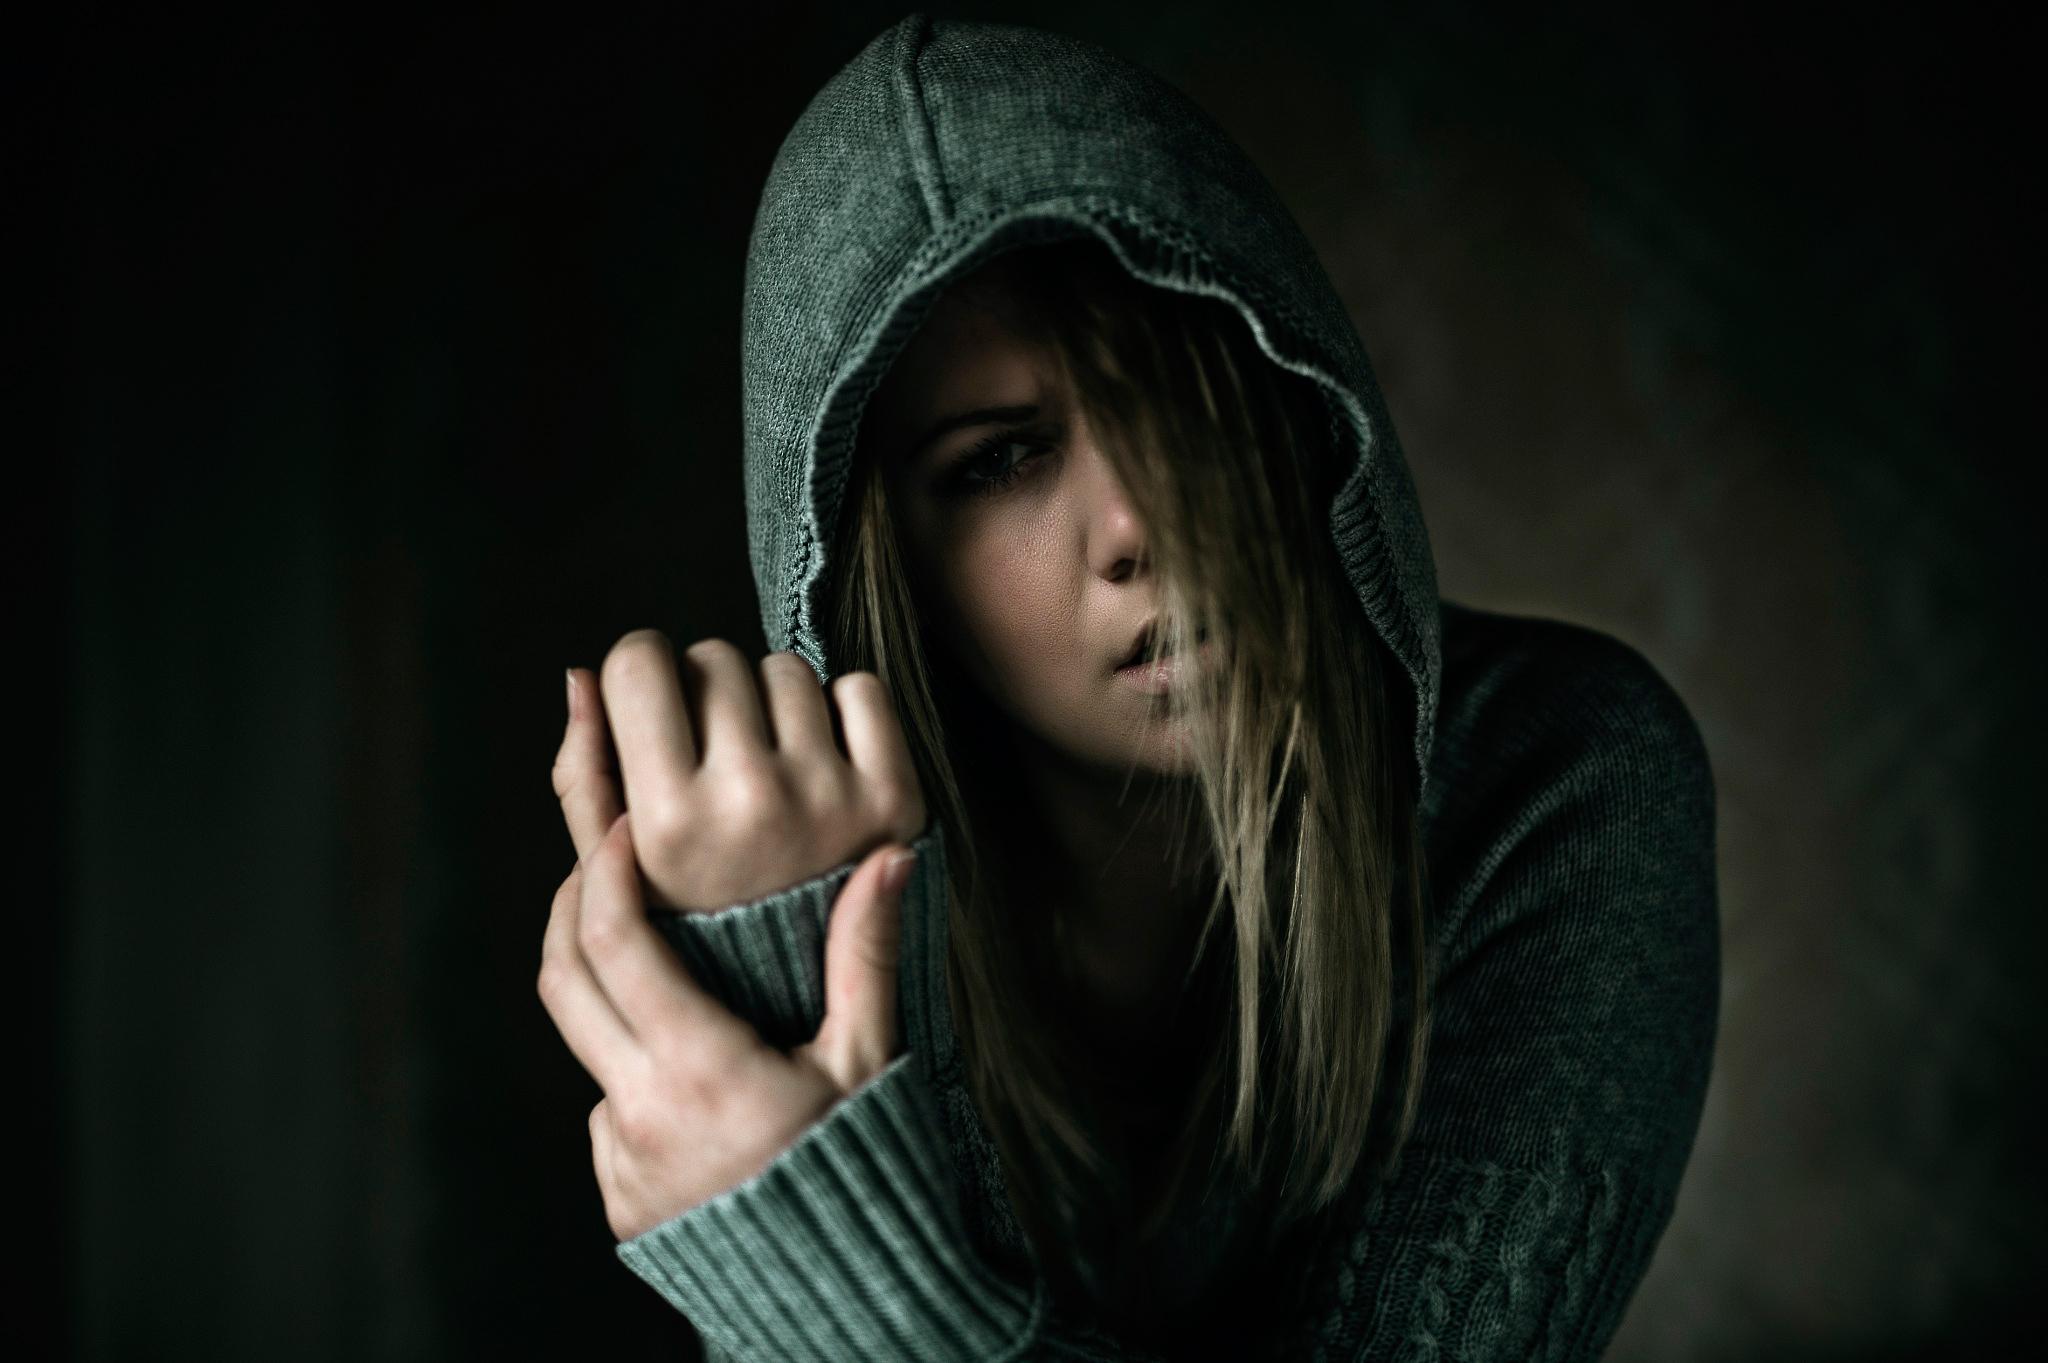 Факью картинки девушка в капюшоне с короткими волосами, гифка